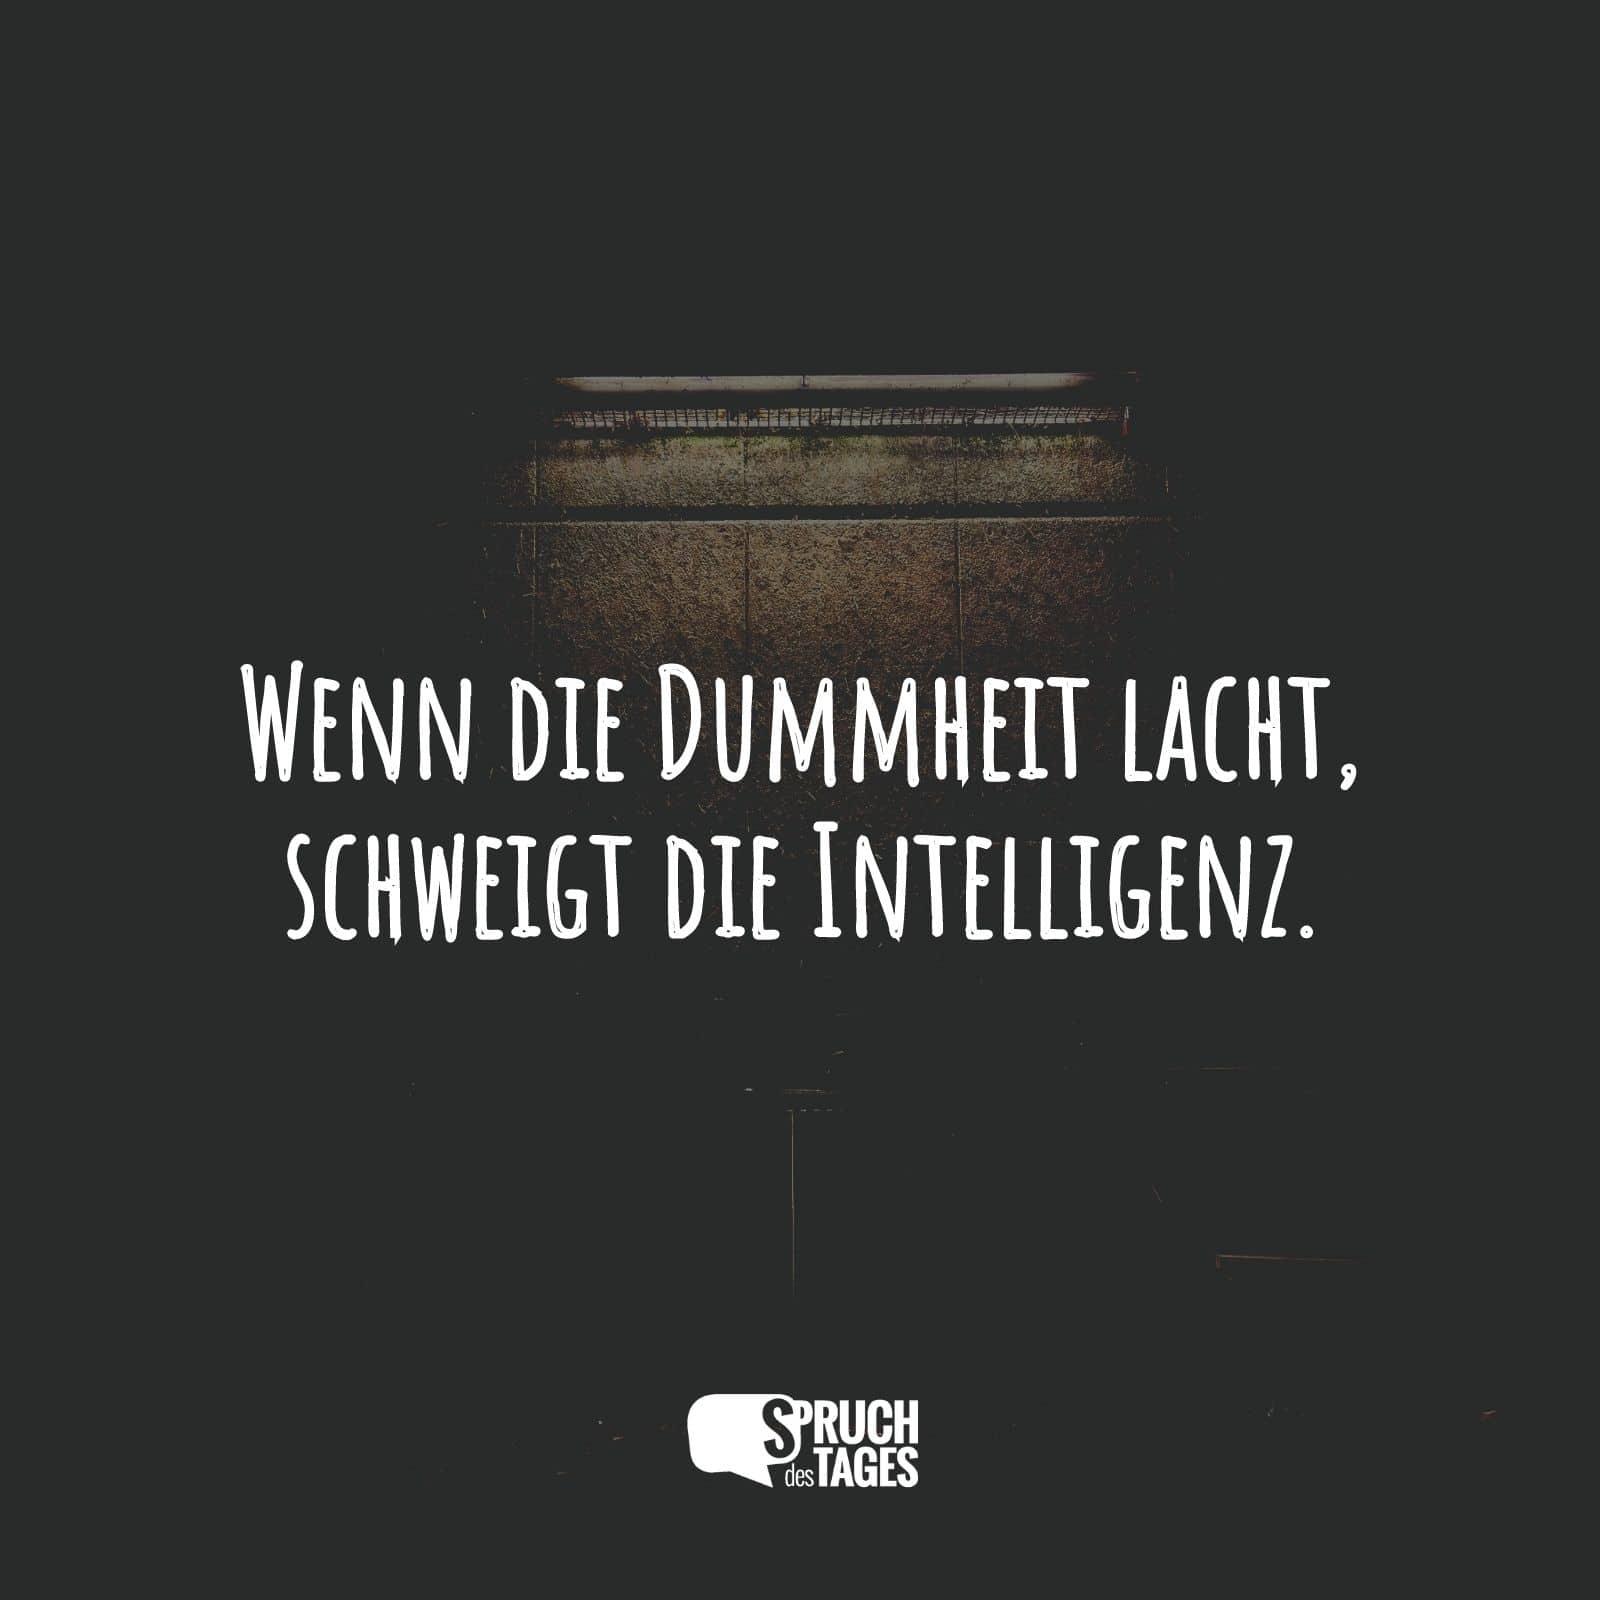 http://www.spruch-des-tages.org/images/sprueche/wenn-die-dummheit-lacht-schweigt-die-intelligenz.jpg